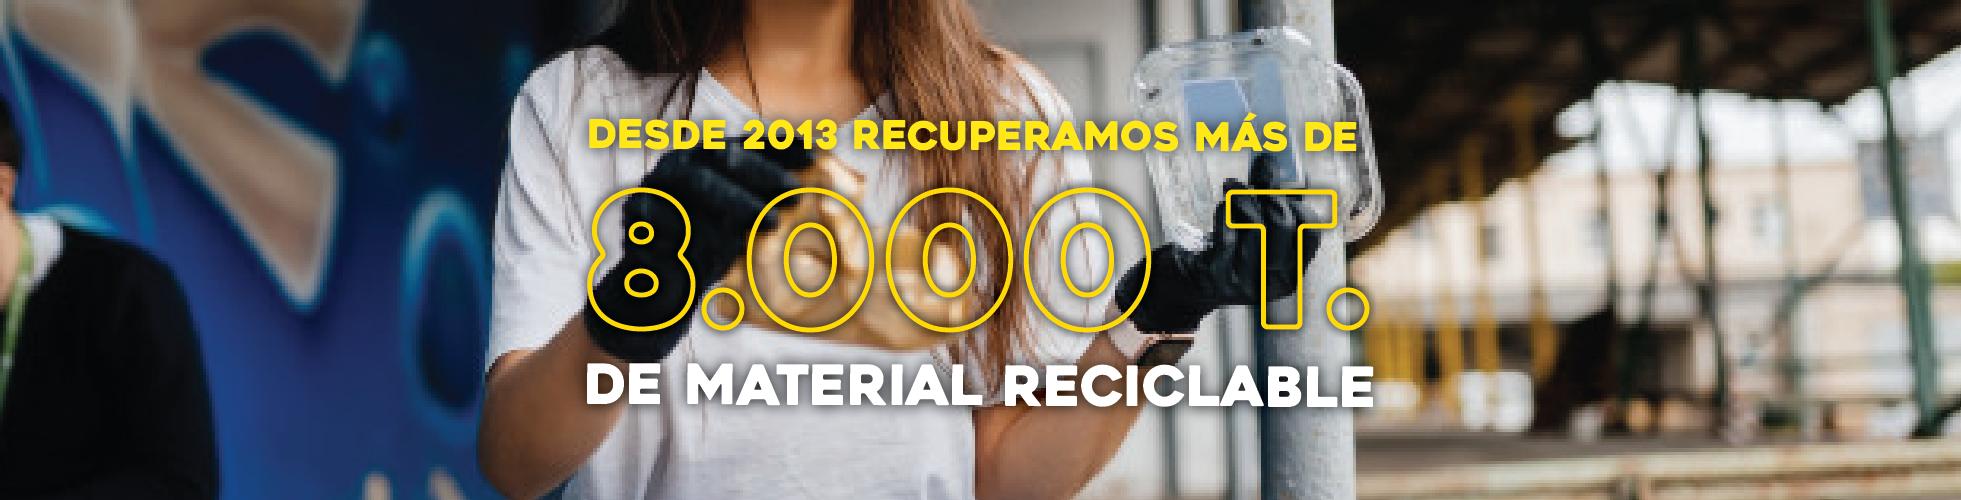 Recuperamos_Material_Reciclables